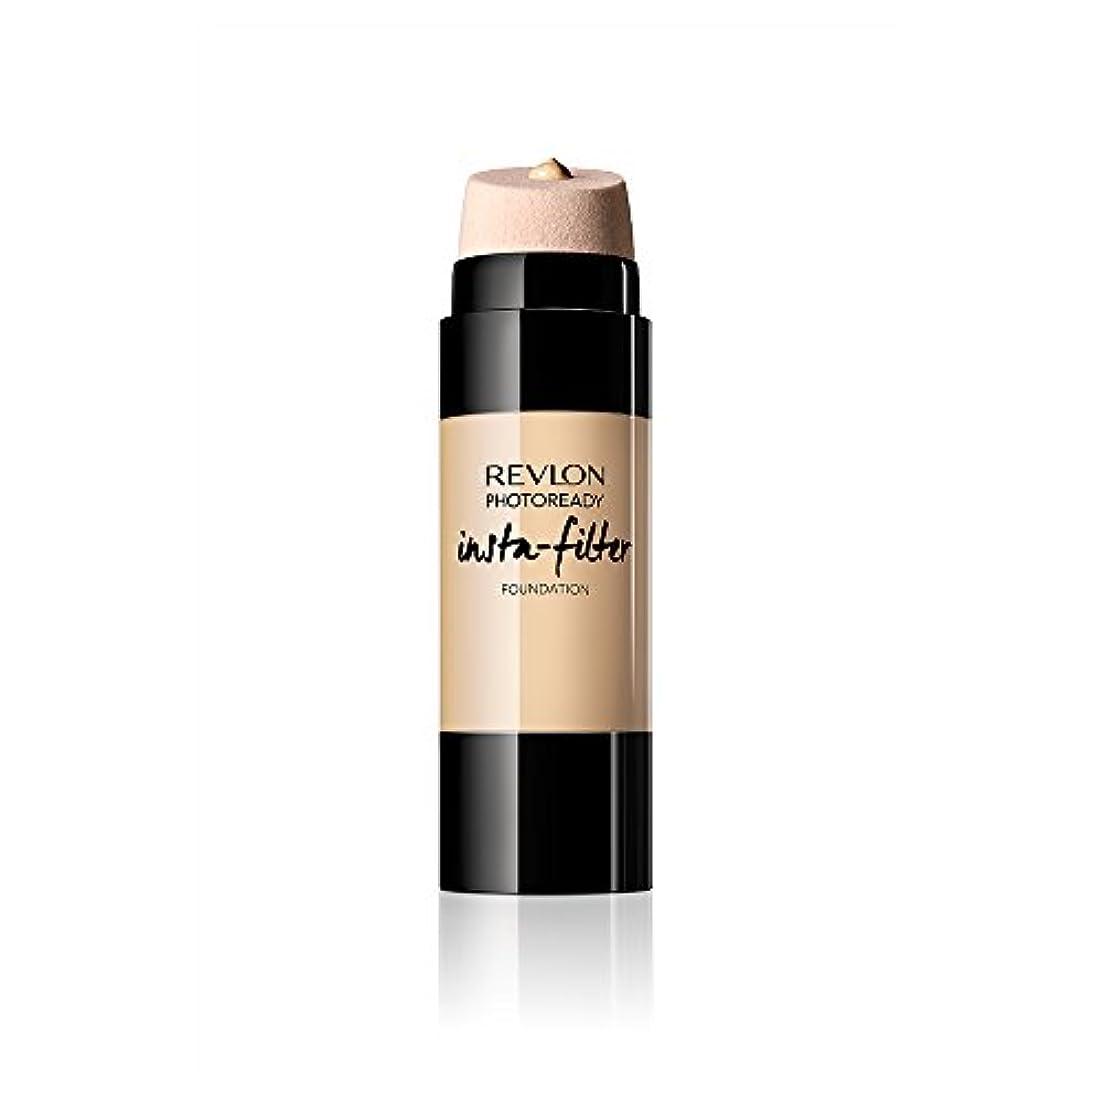 薬用ラテン急いでレブロン フォトレディ インスタフィルター ファンデーション 150 カラー:明るめの肌色